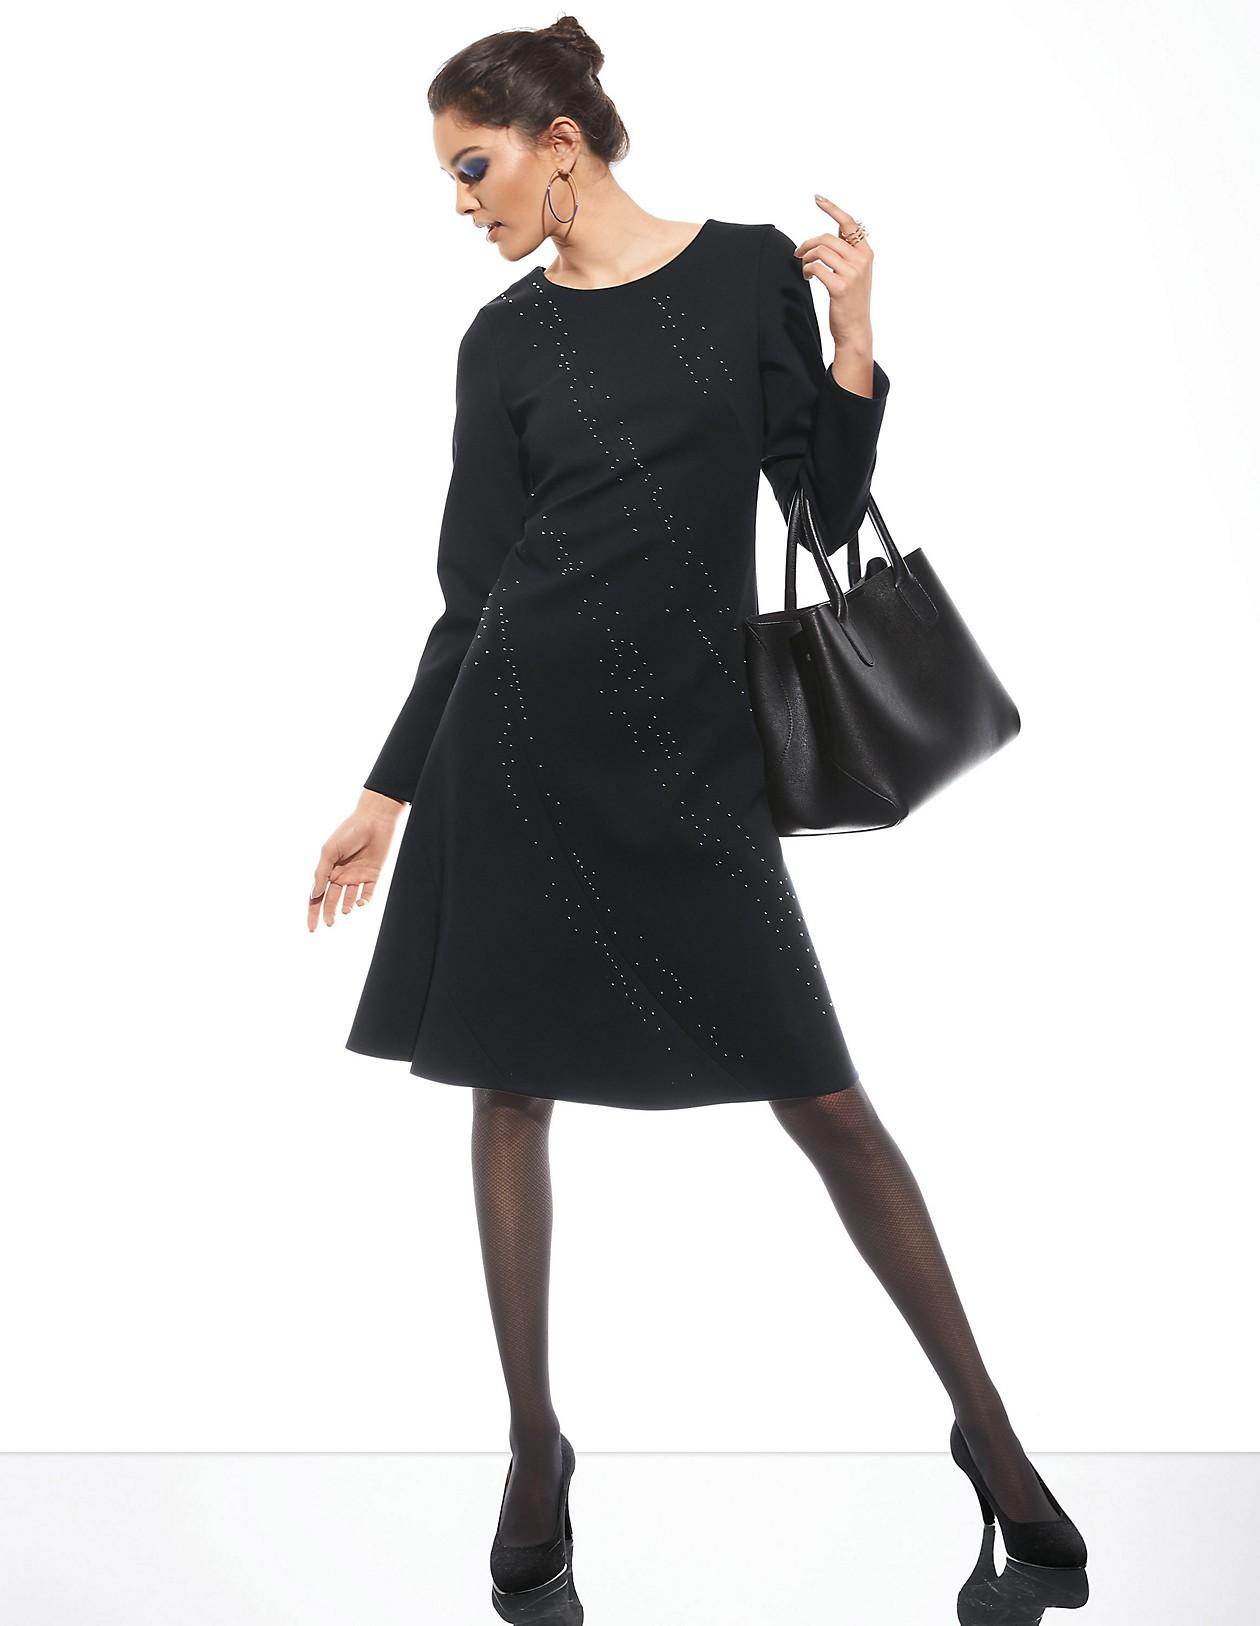 kurzes schwarzes kleid mit langen ärmeln